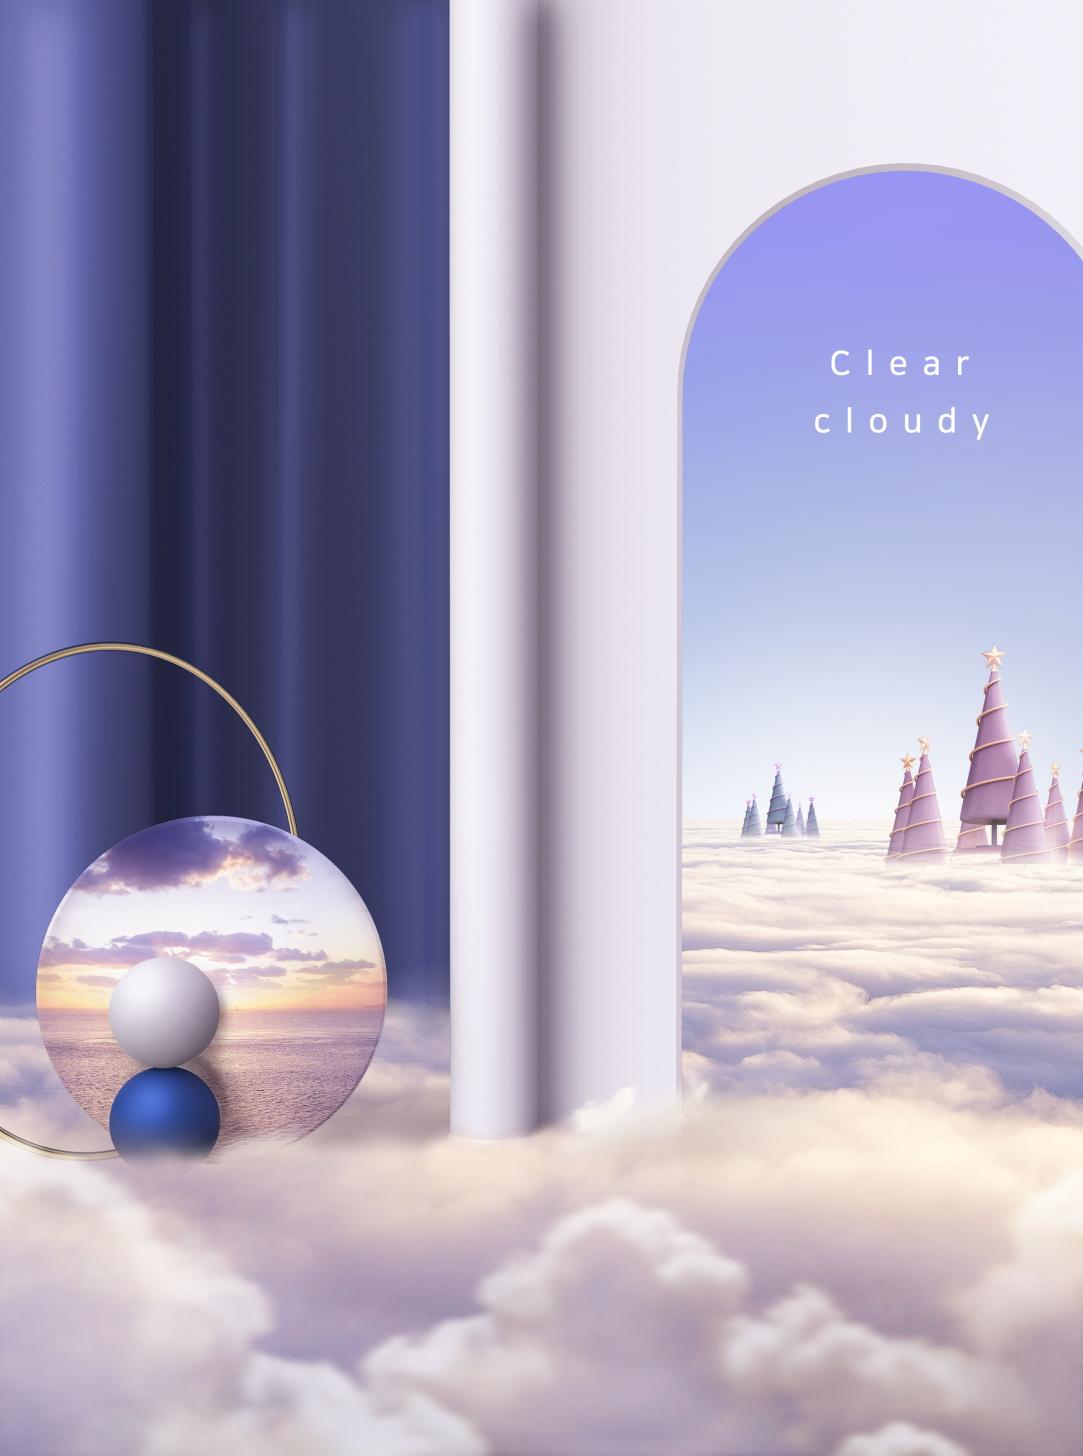 [单独购买] 14款创意梦幻唯美白云云朵企业主视觉KV展板海报设计PSD模版 Cloud Sale Poster Template插图13